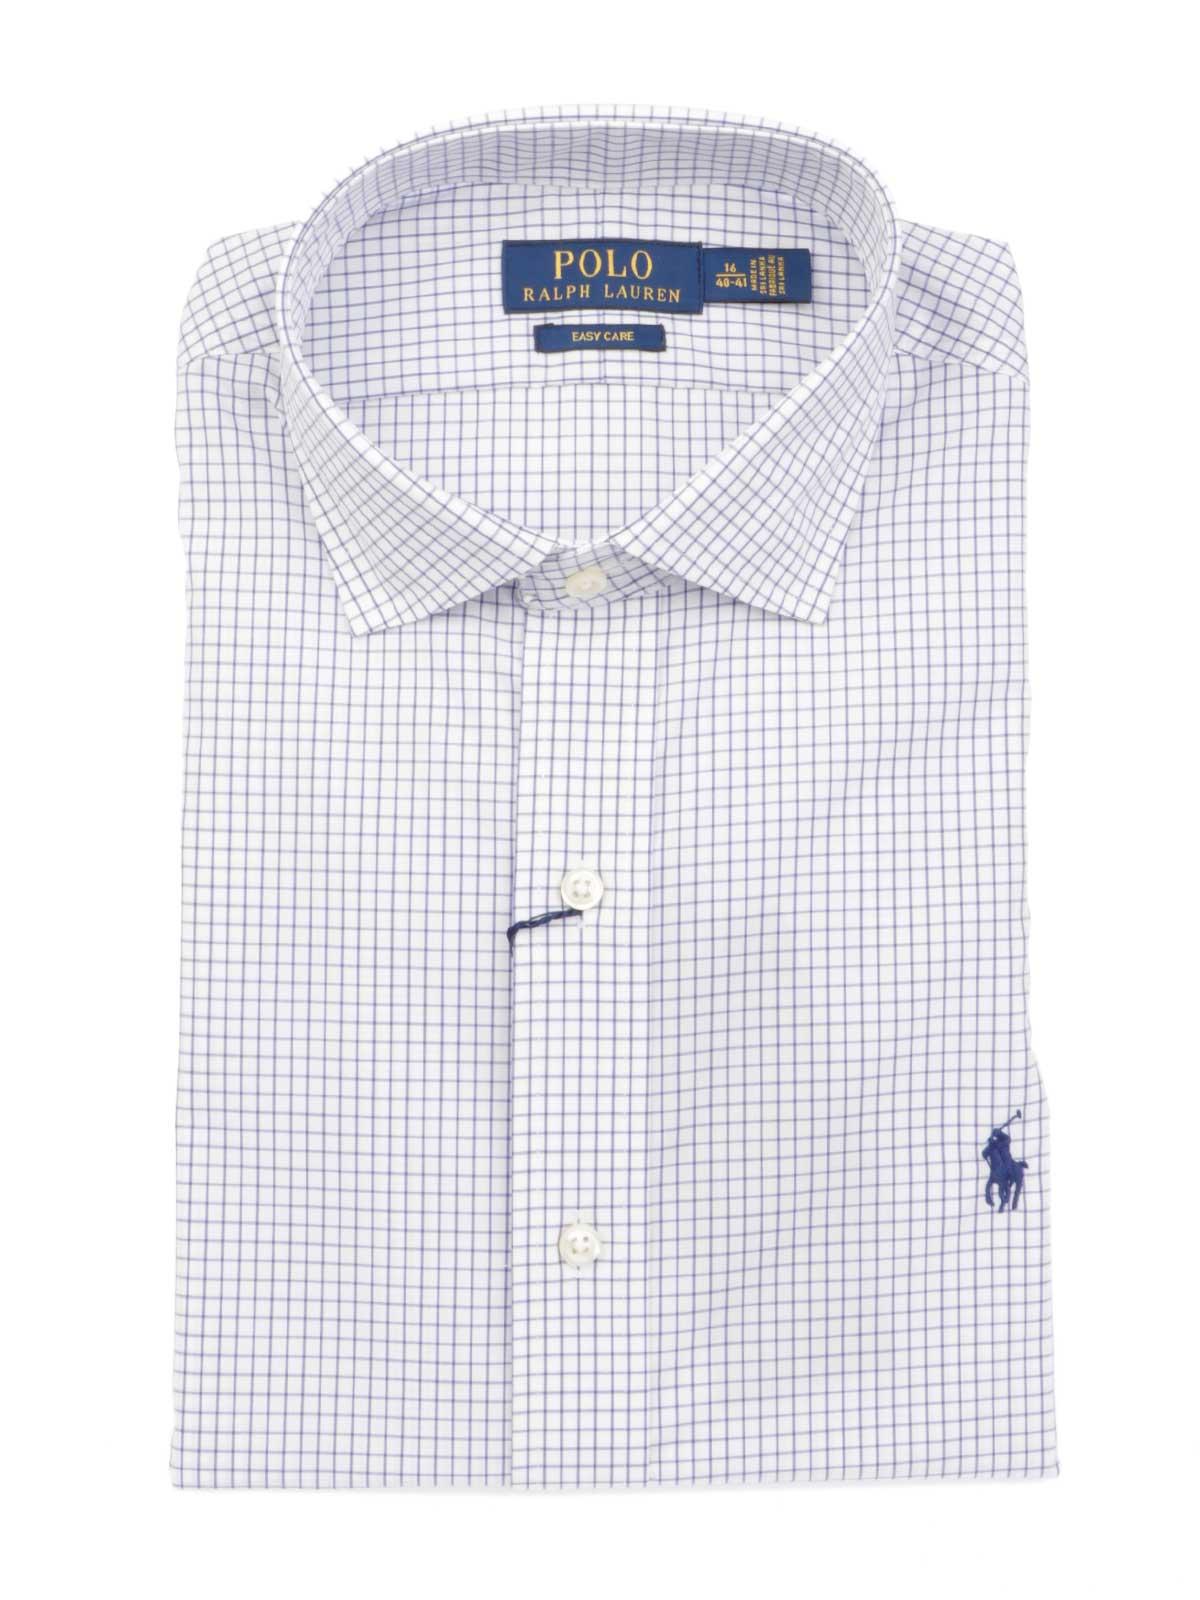 buy online 6b3a9 34e19 POLO RALPH LAUREN Camicia Uomo Quadretti